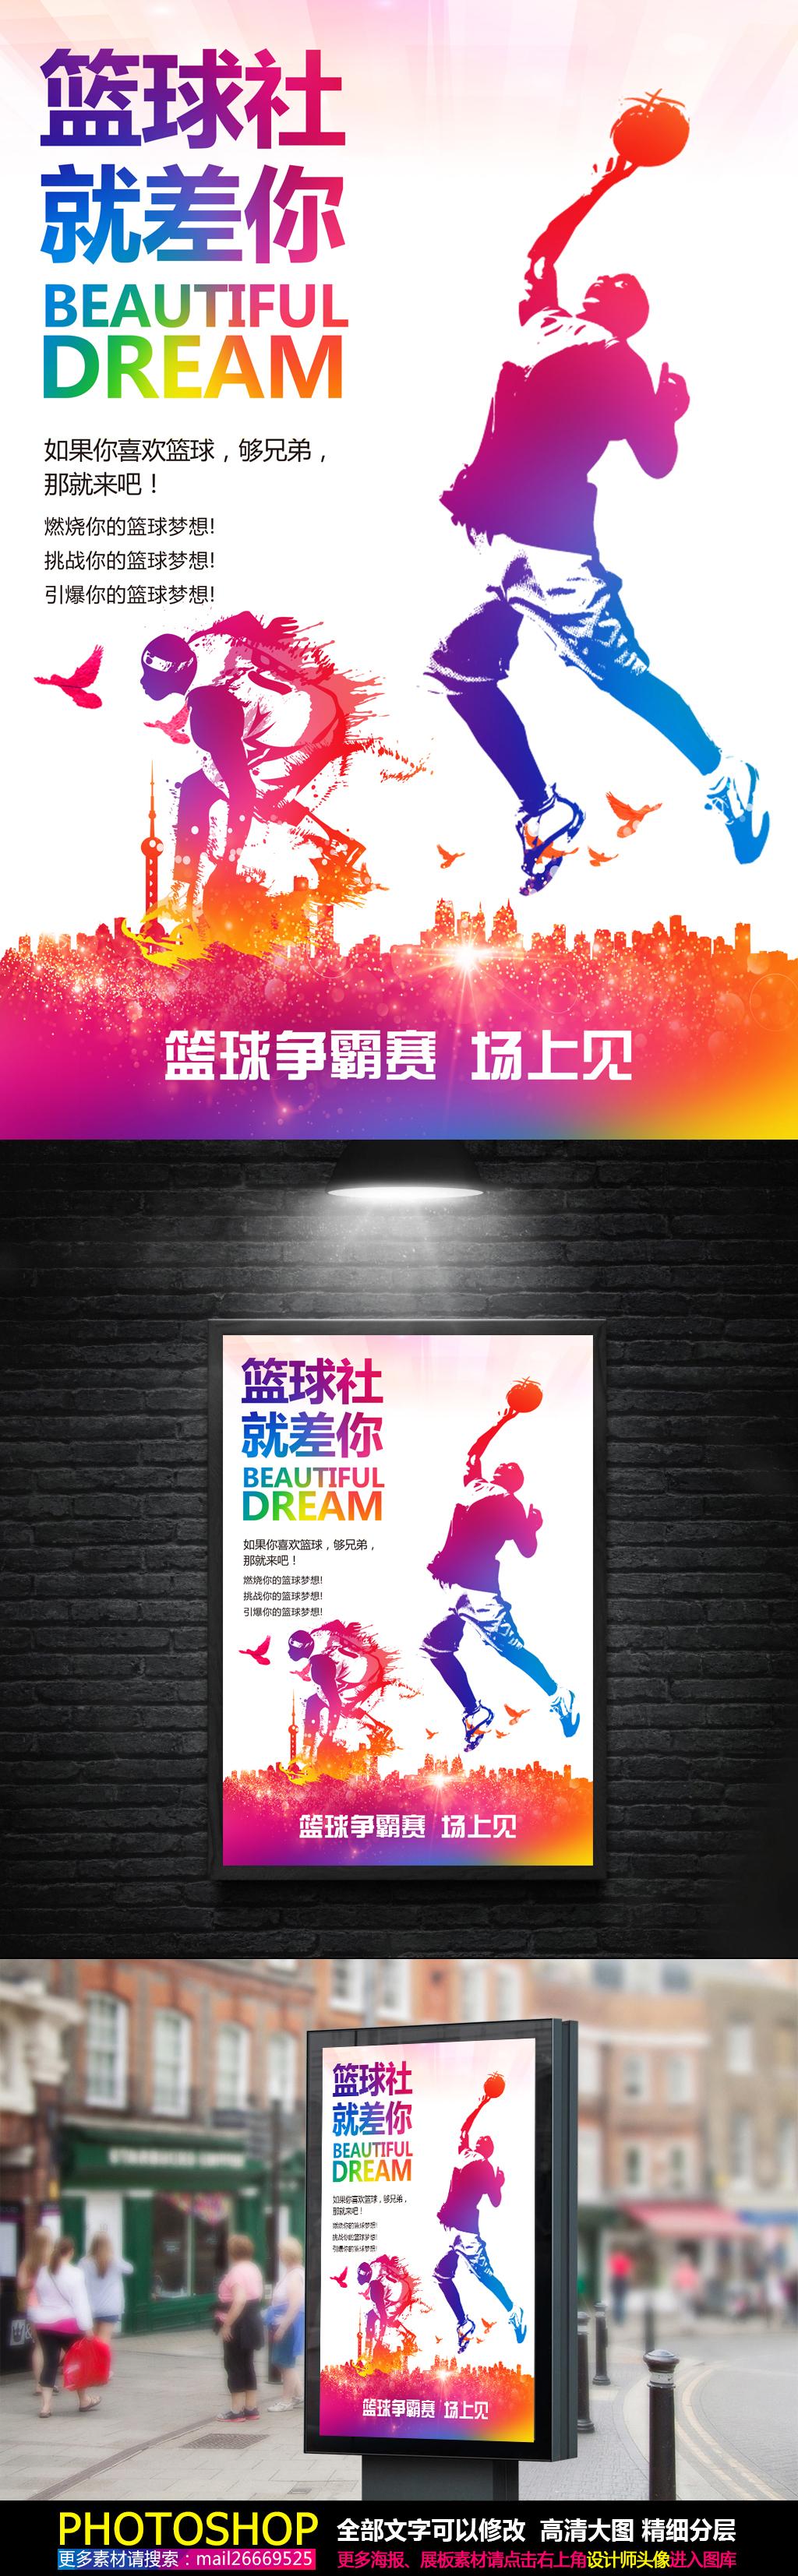 原创设计水彩篮球社团培训比赛海报